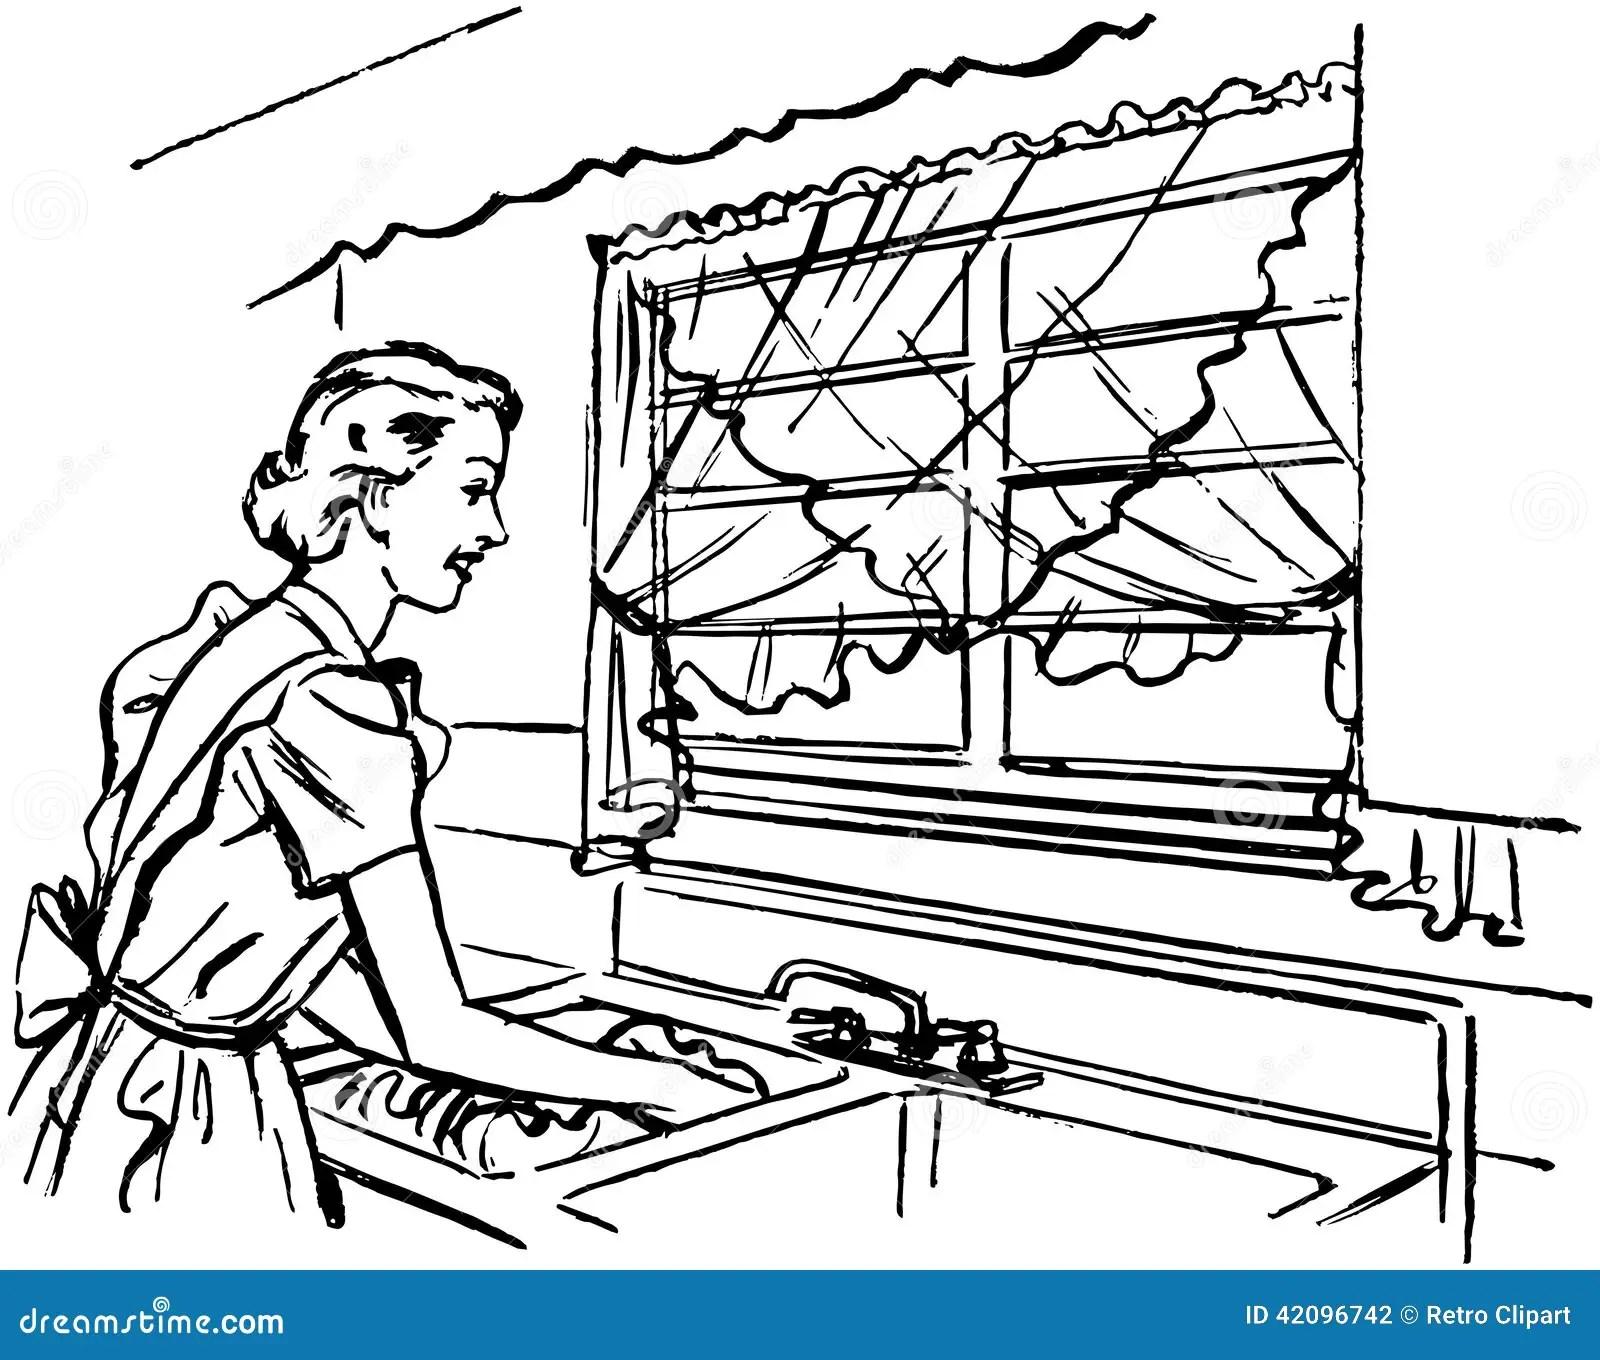 Signora Washing Dishes Illustrazione Vettoriale